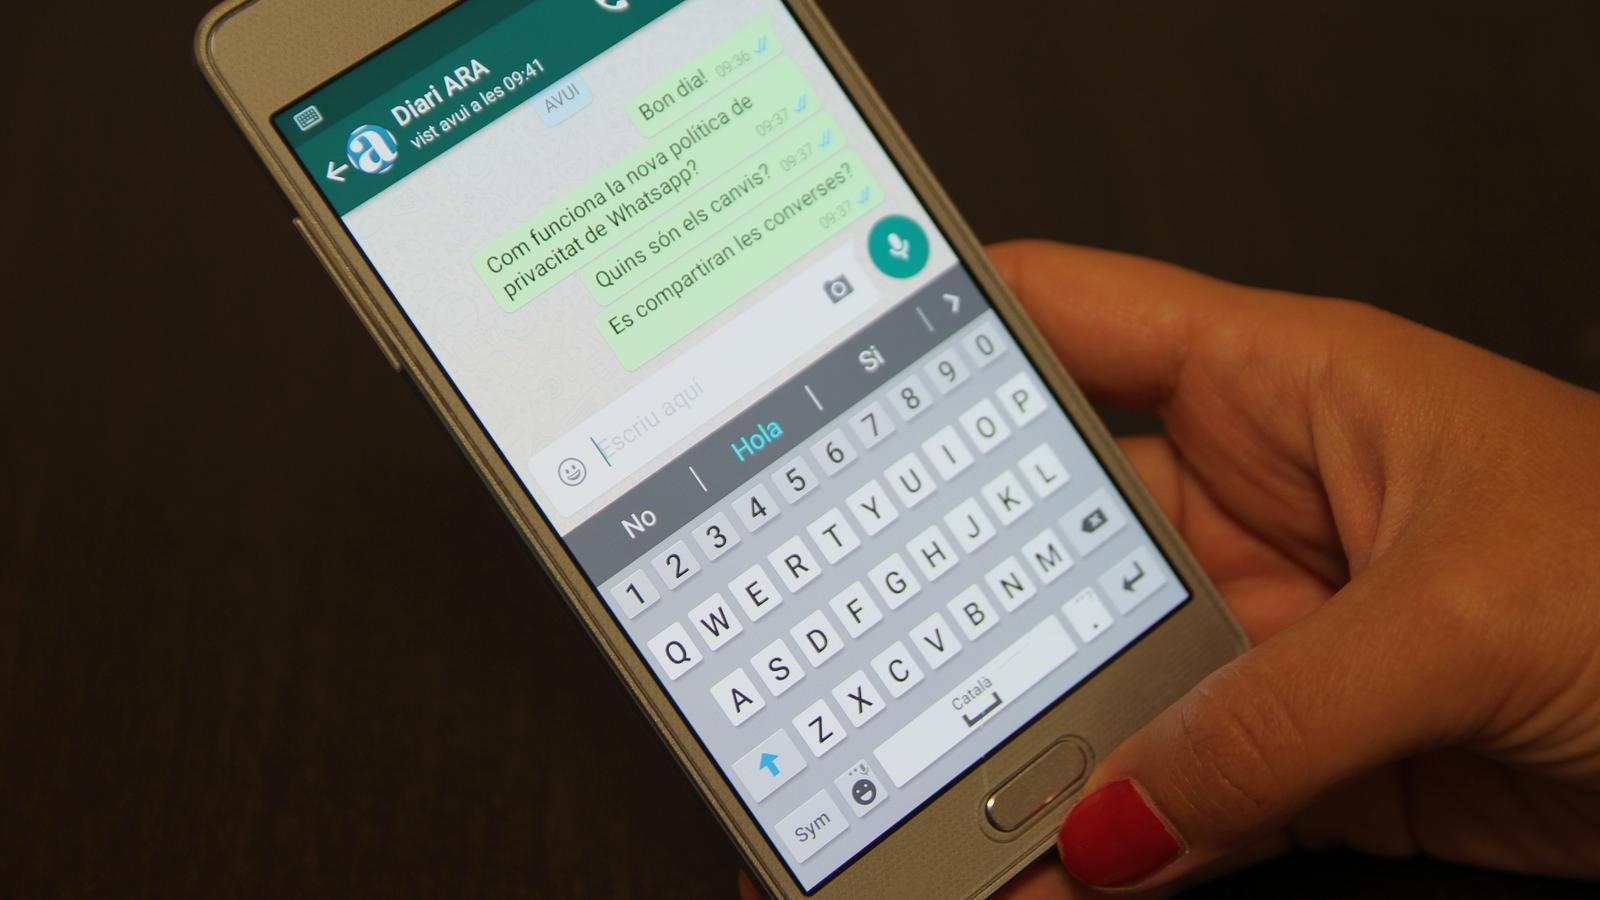 WhatsApp compartirà amb Facebook el número de telèfon dels usuaris